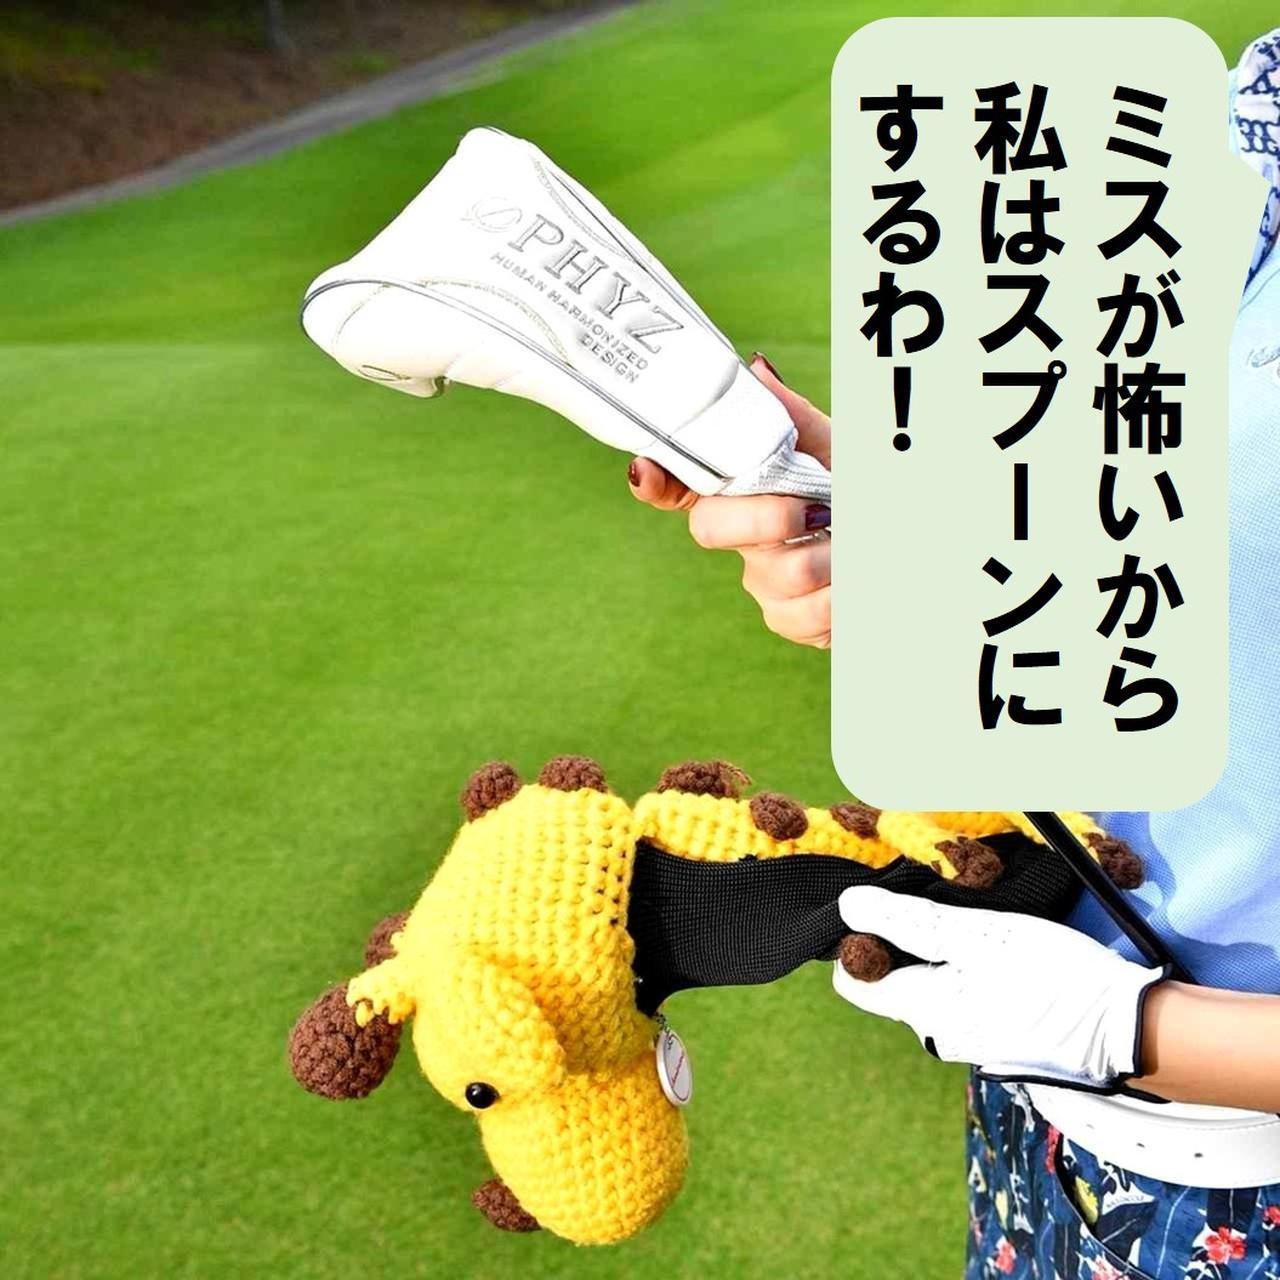 画像2: 【ルール】同伴者が打つ前に自分の使うクラブを伝えた。これってアドバイスになる?